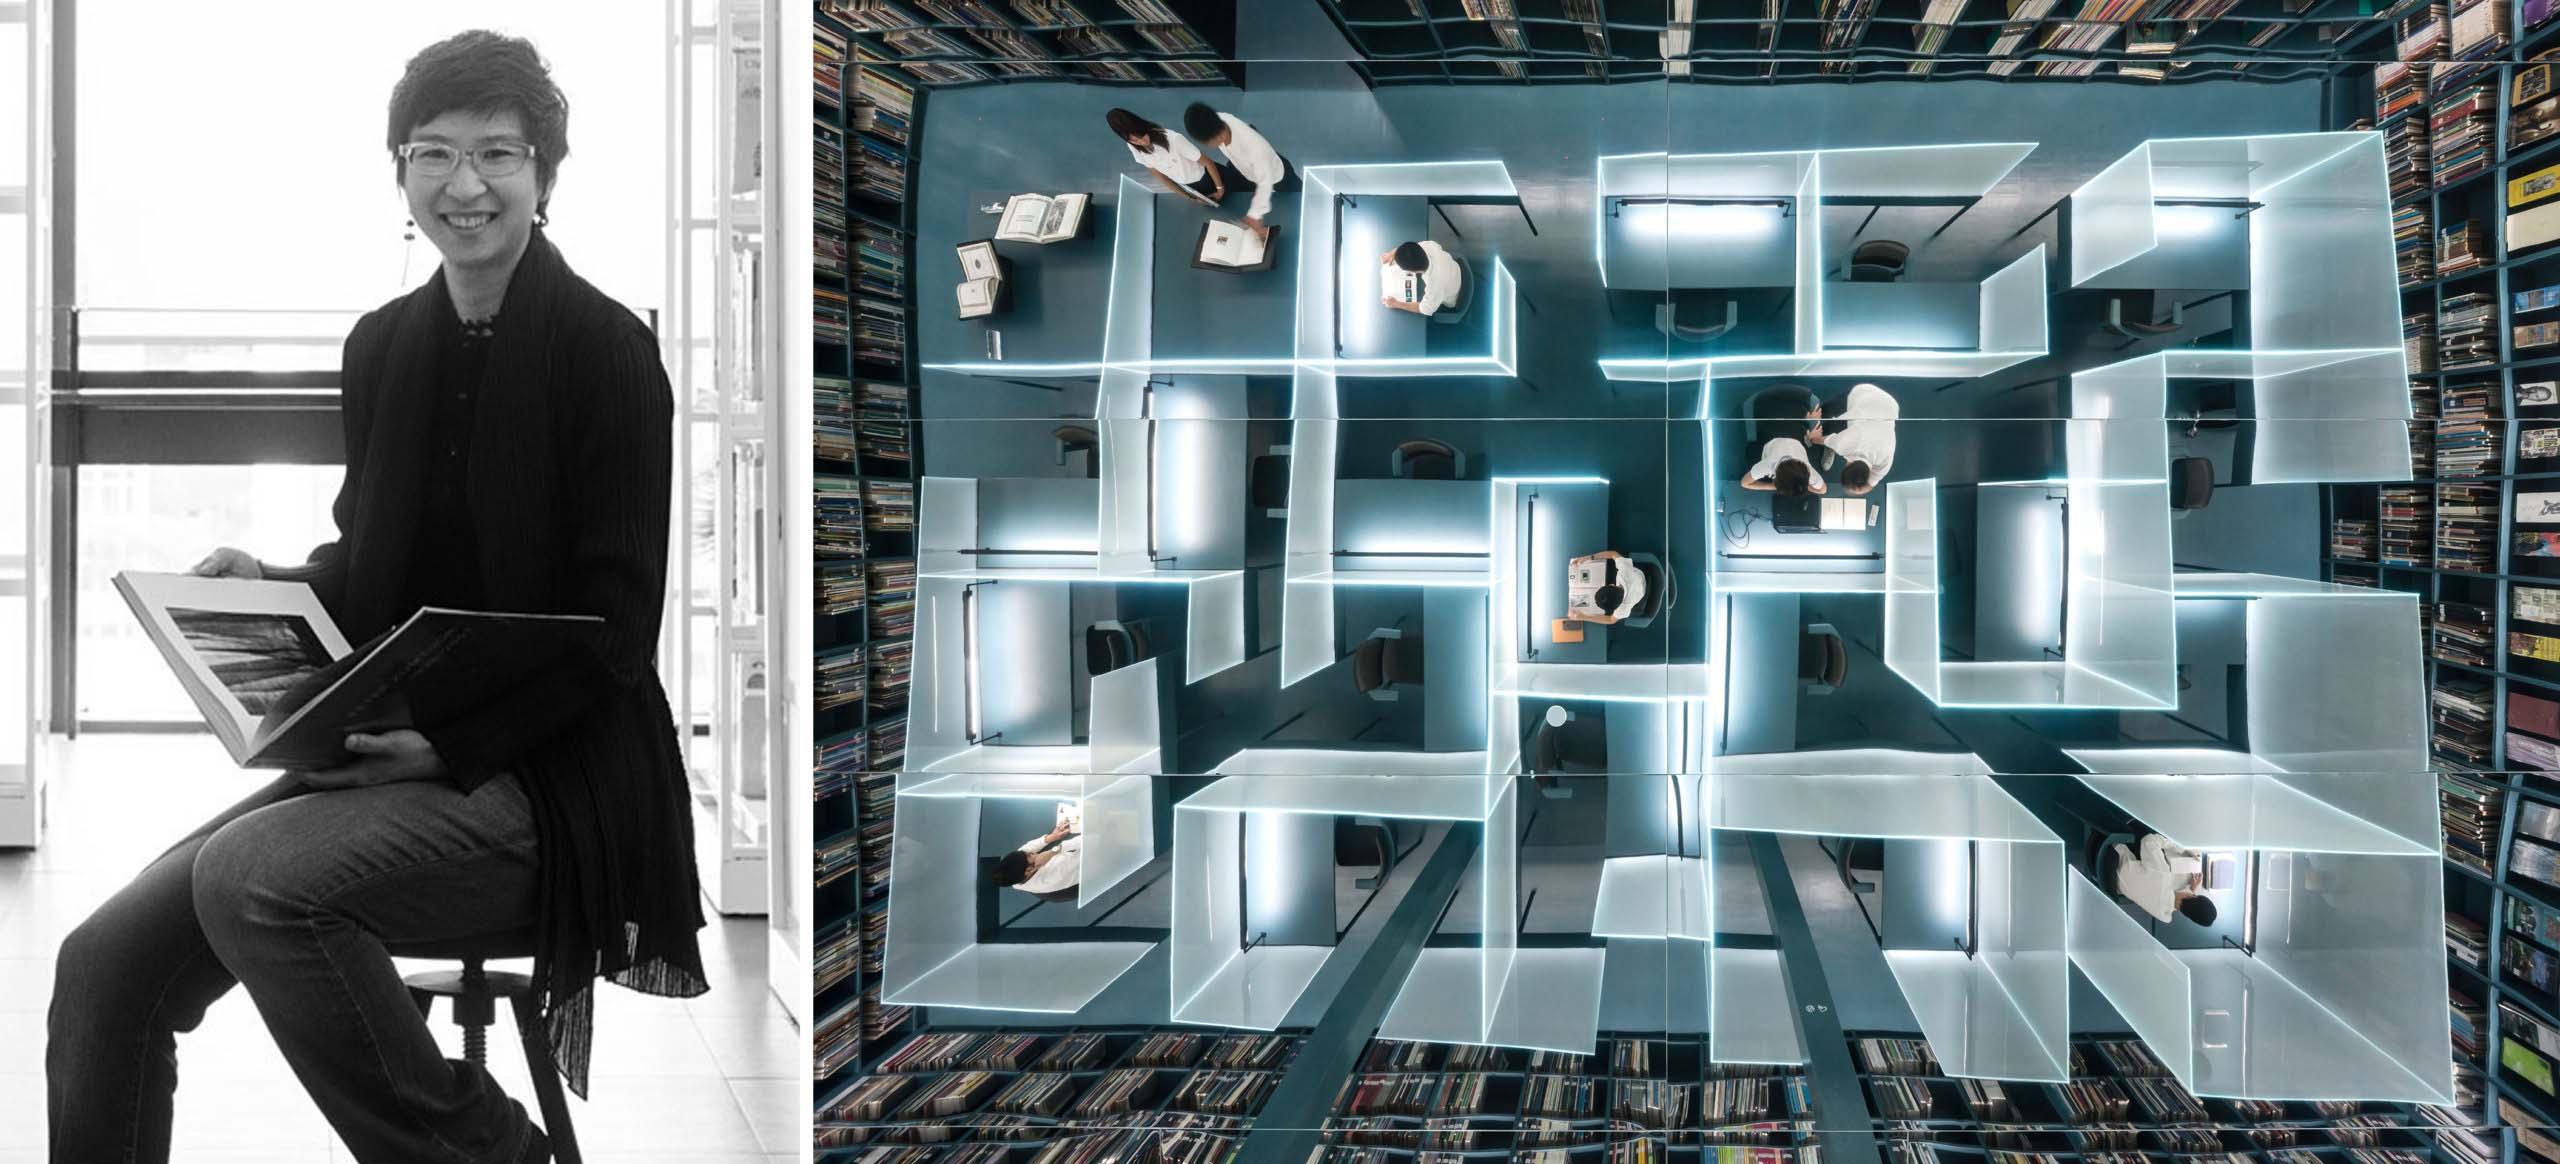 Trái: Twitee Vajrabhaya Teparkum qua Thái Lan Tatler; Phải: Thư viện kiến trúc, Đại học Chulalongkorn Bangkok, Thái Lan